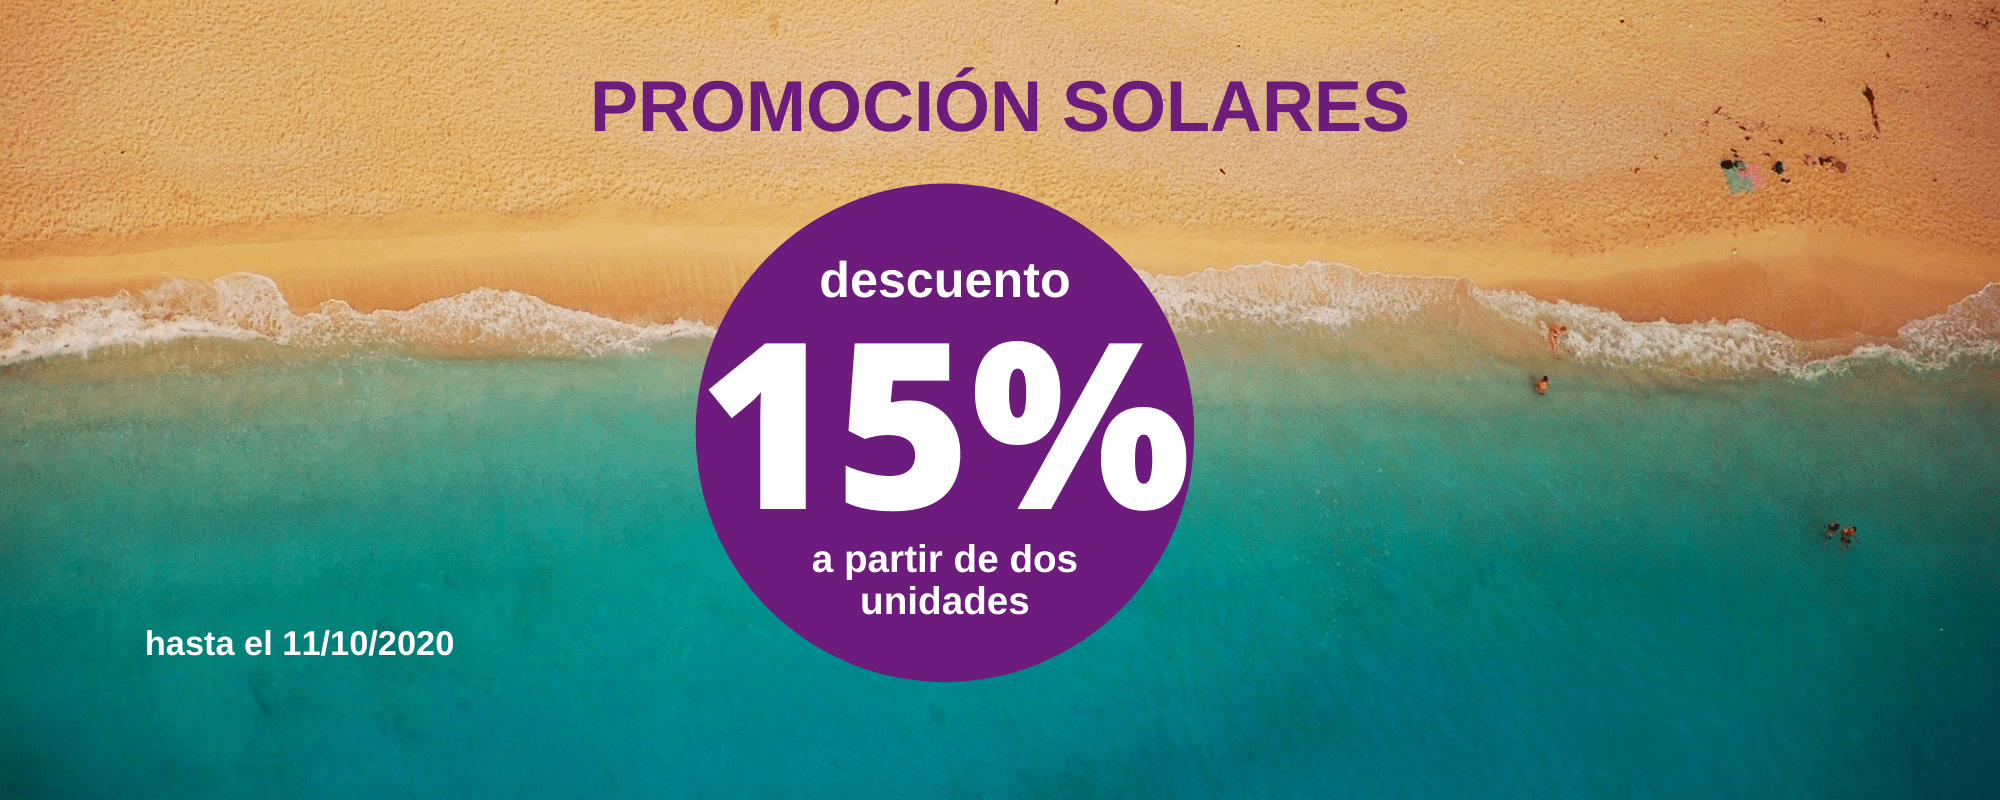 15% descuento solares - Farmacia Ciudad Alta